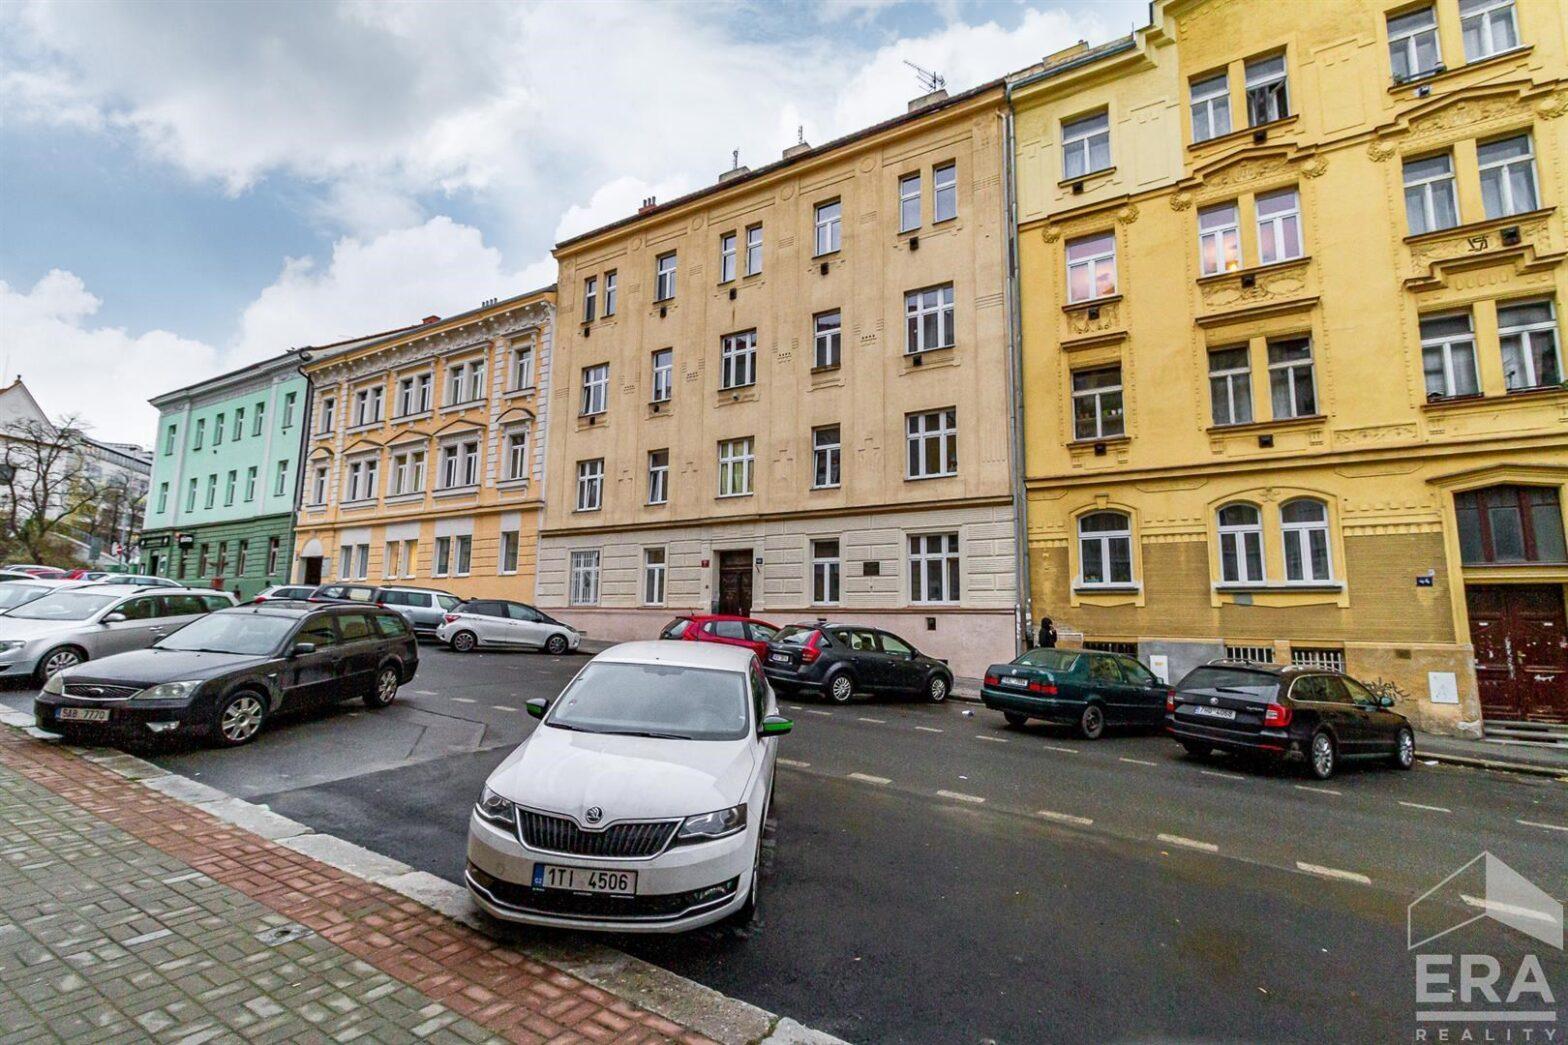 Činžovní dům, 20 bytů, Praha 4 – Podolí